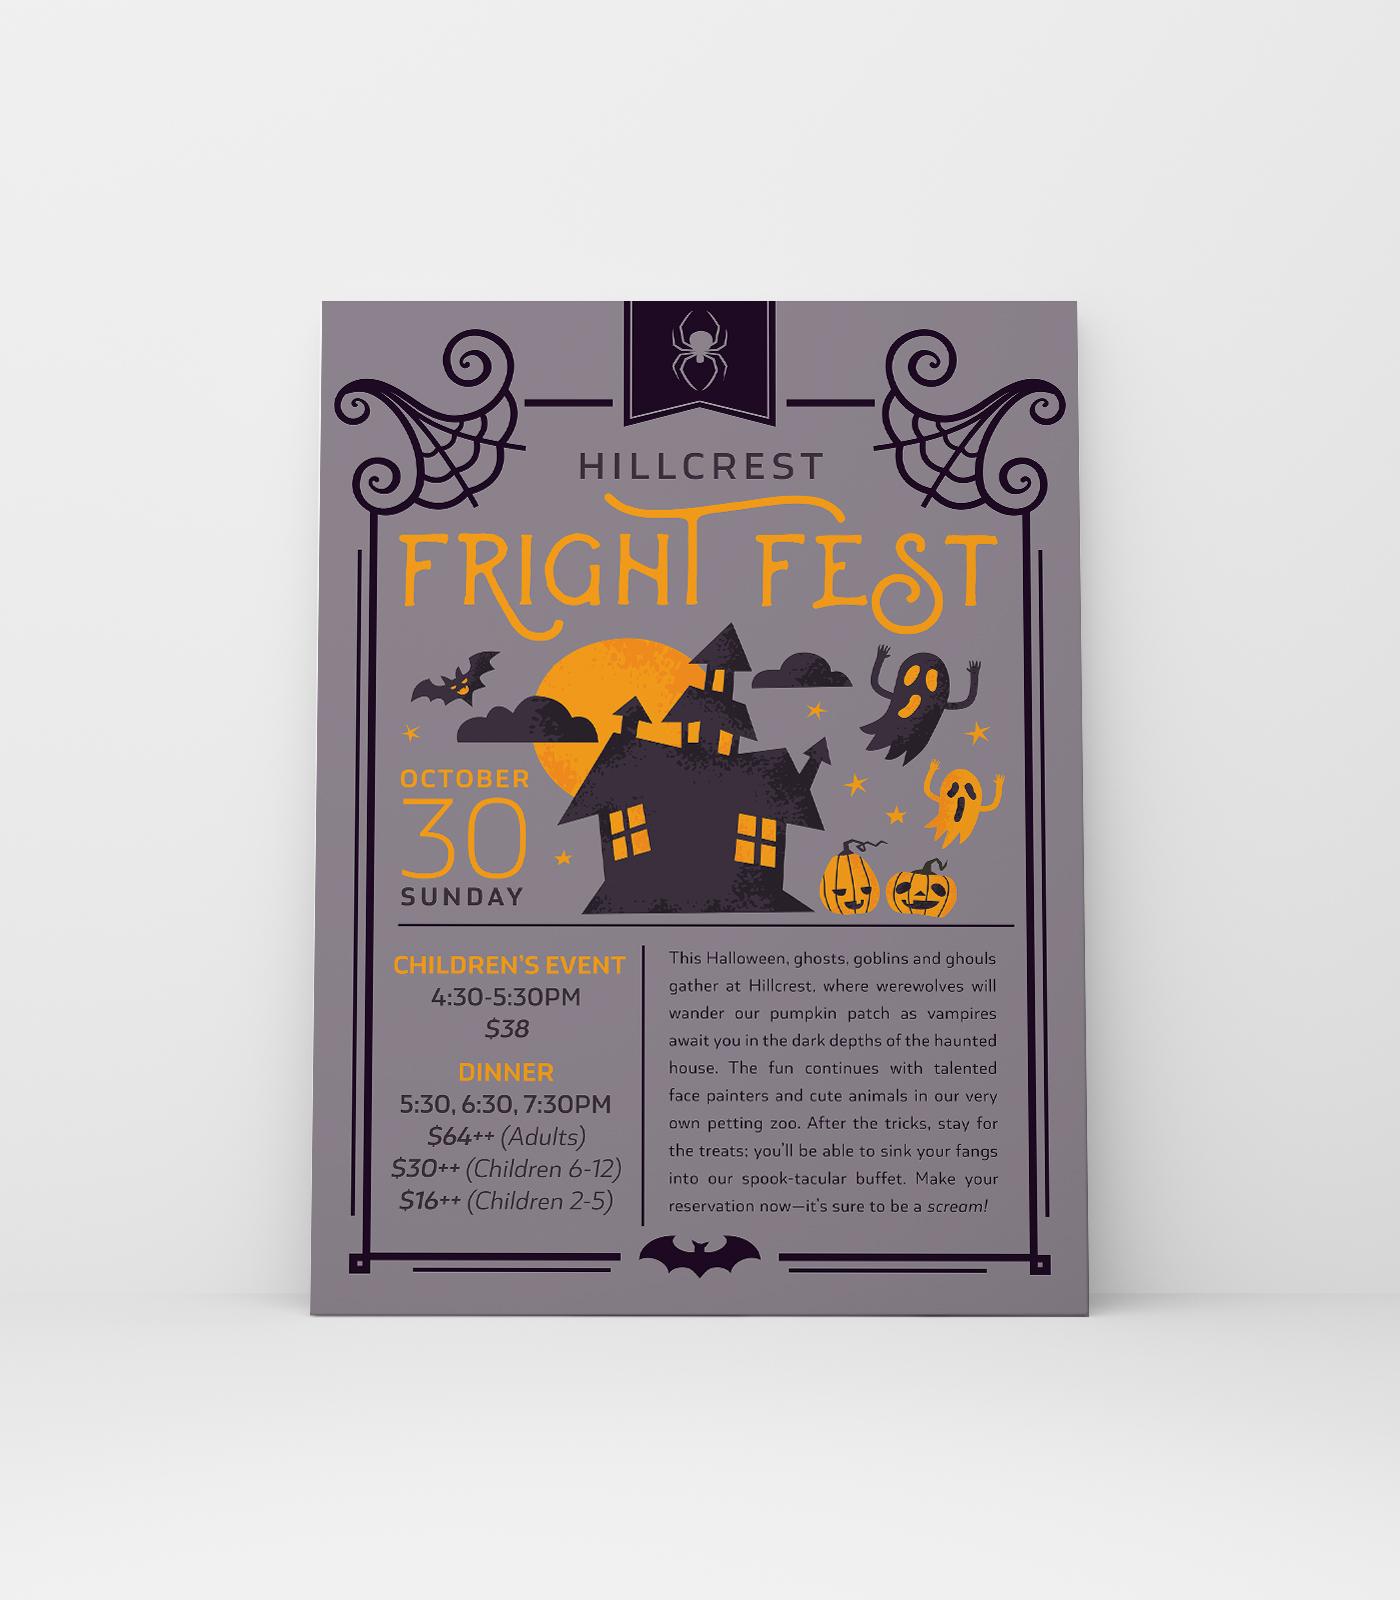 behance-template_forhccposters_frightfesttt.jpg